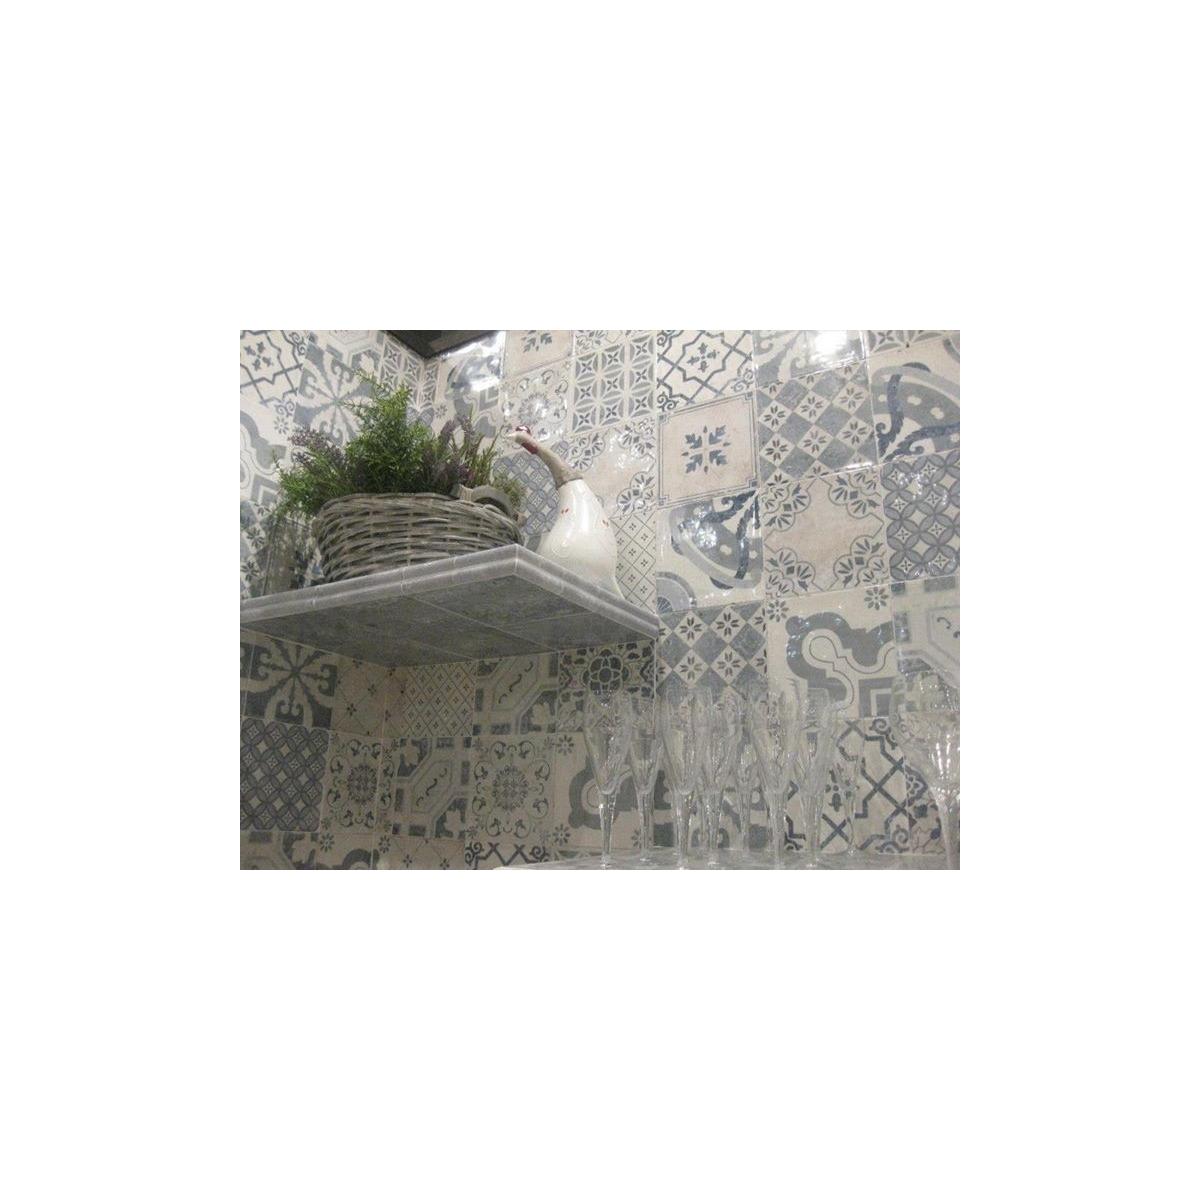 Comprar online Decor Antiqua (m2) - Azulejos para interiores como Entrada